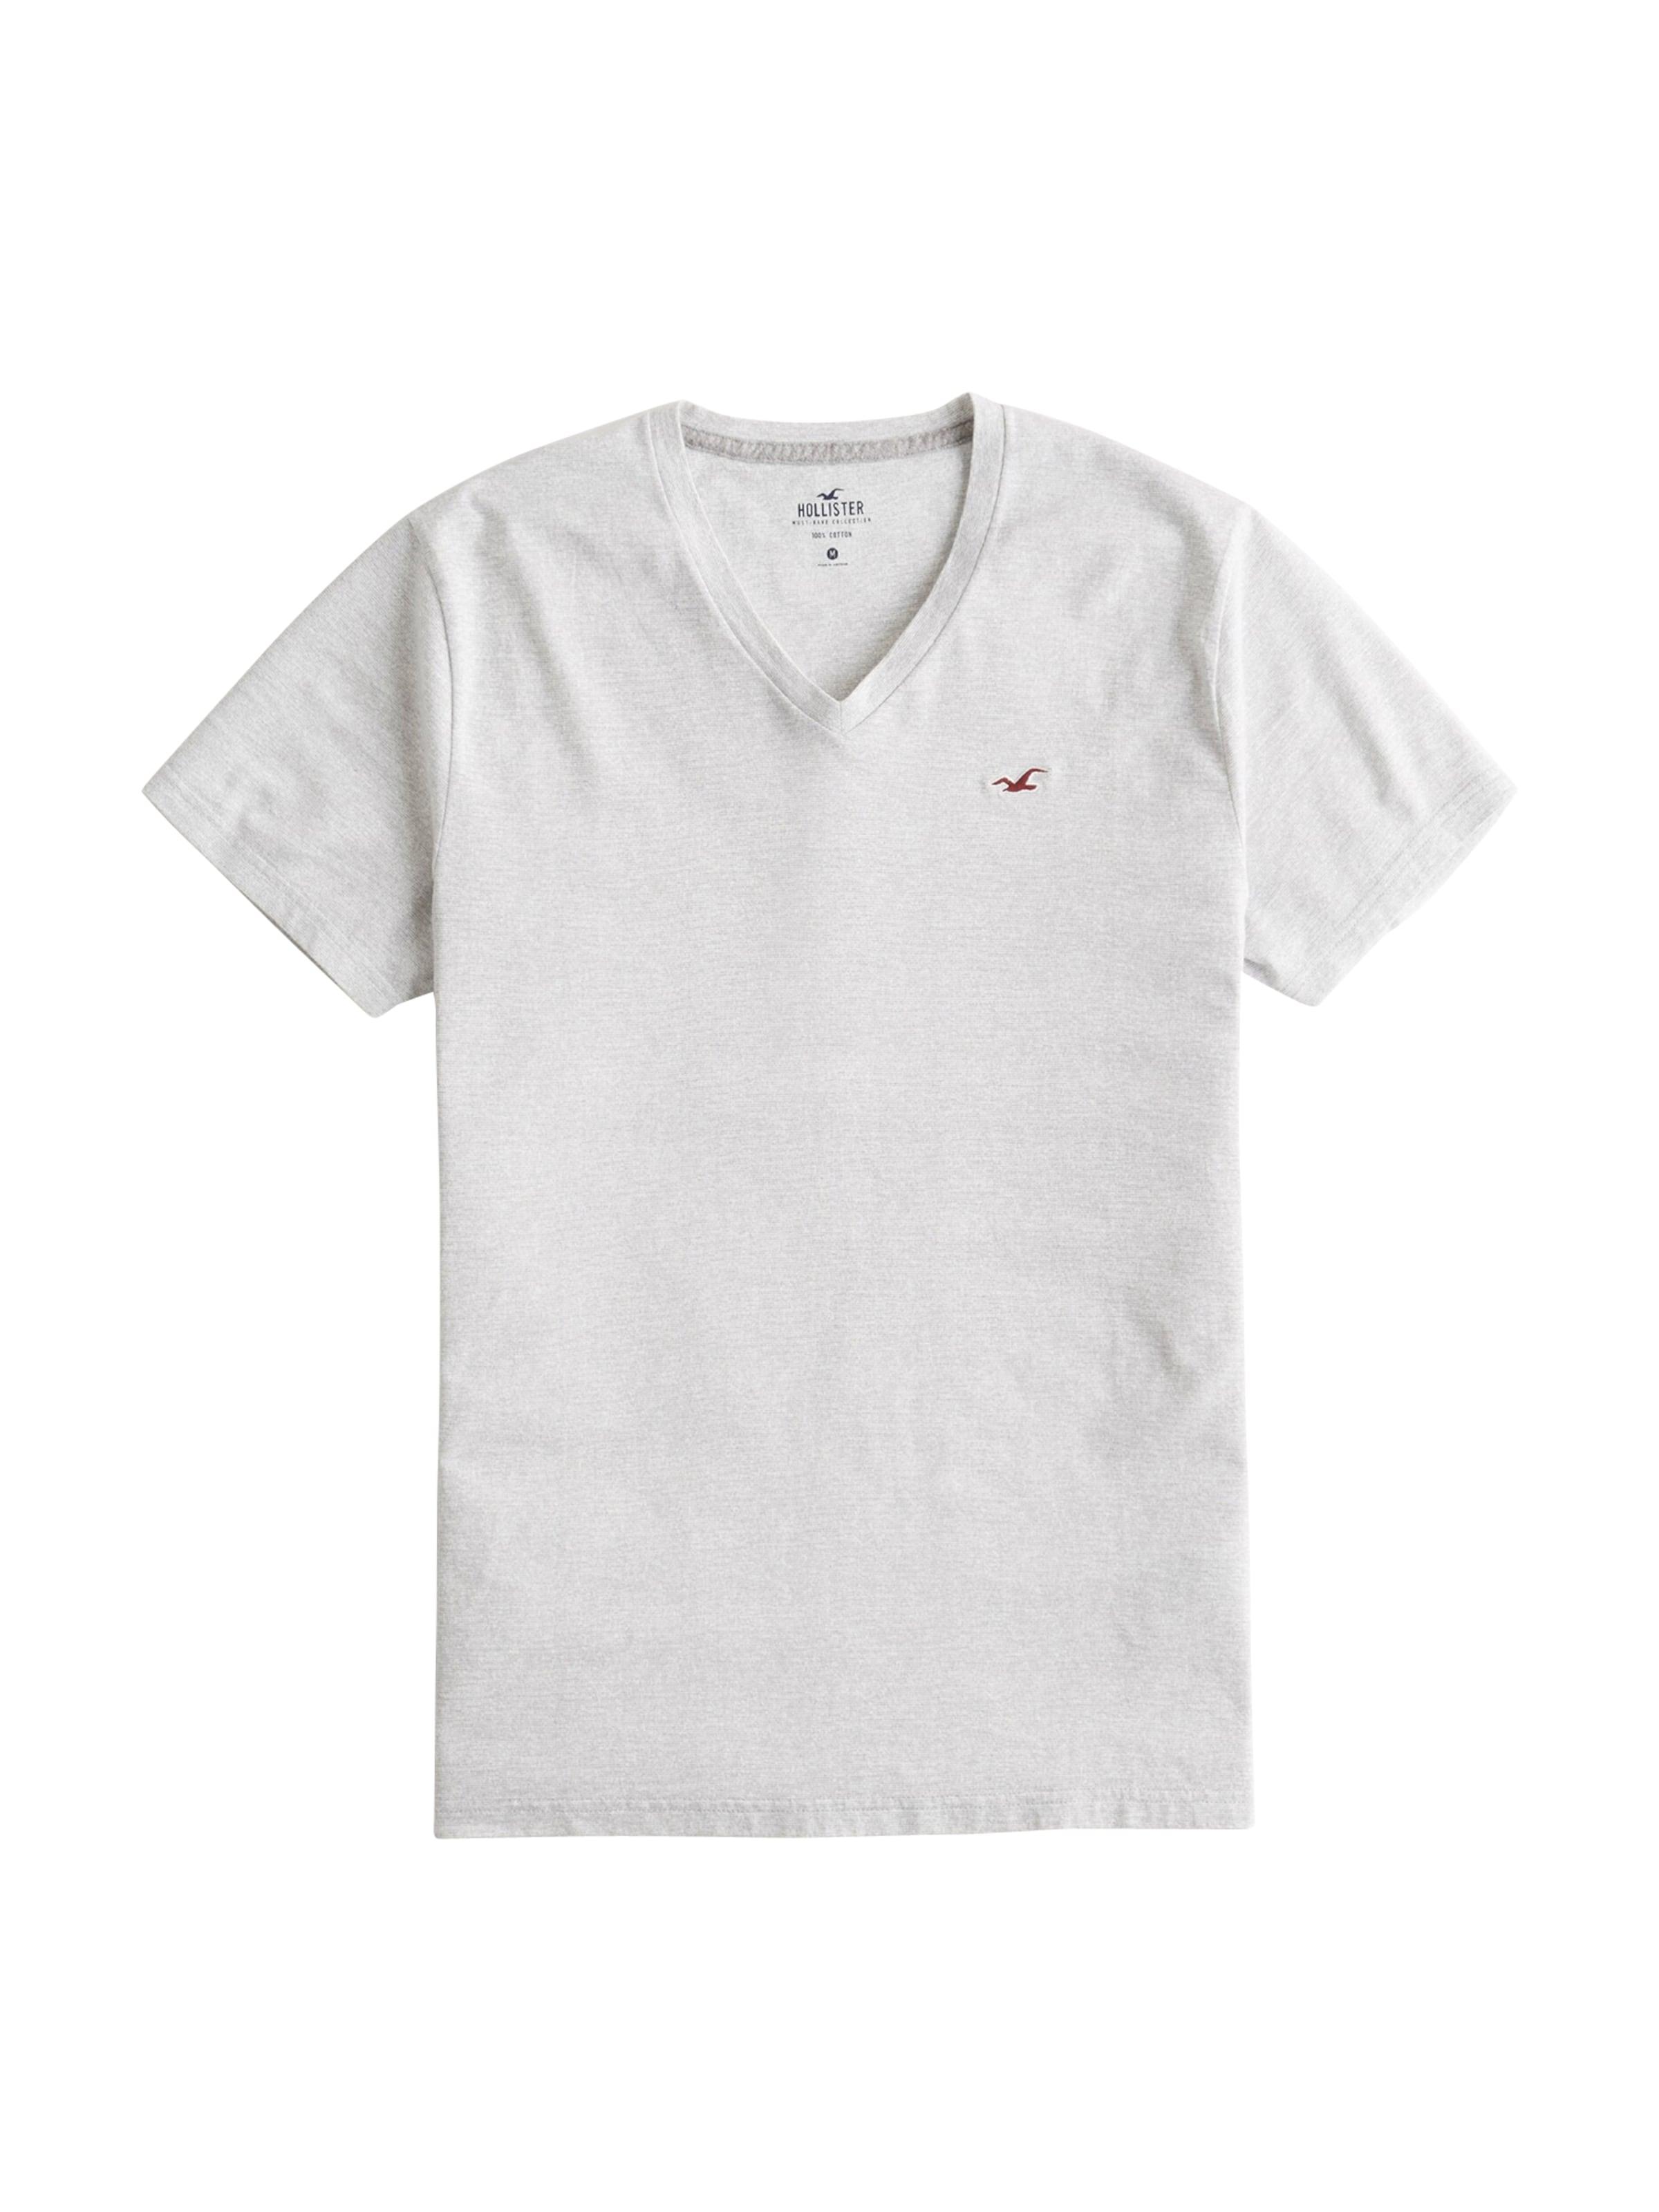 V Pt Chiné 'ss 2 Hollister T Mar shirt En Blanc 3cc' bYf6I7yvg